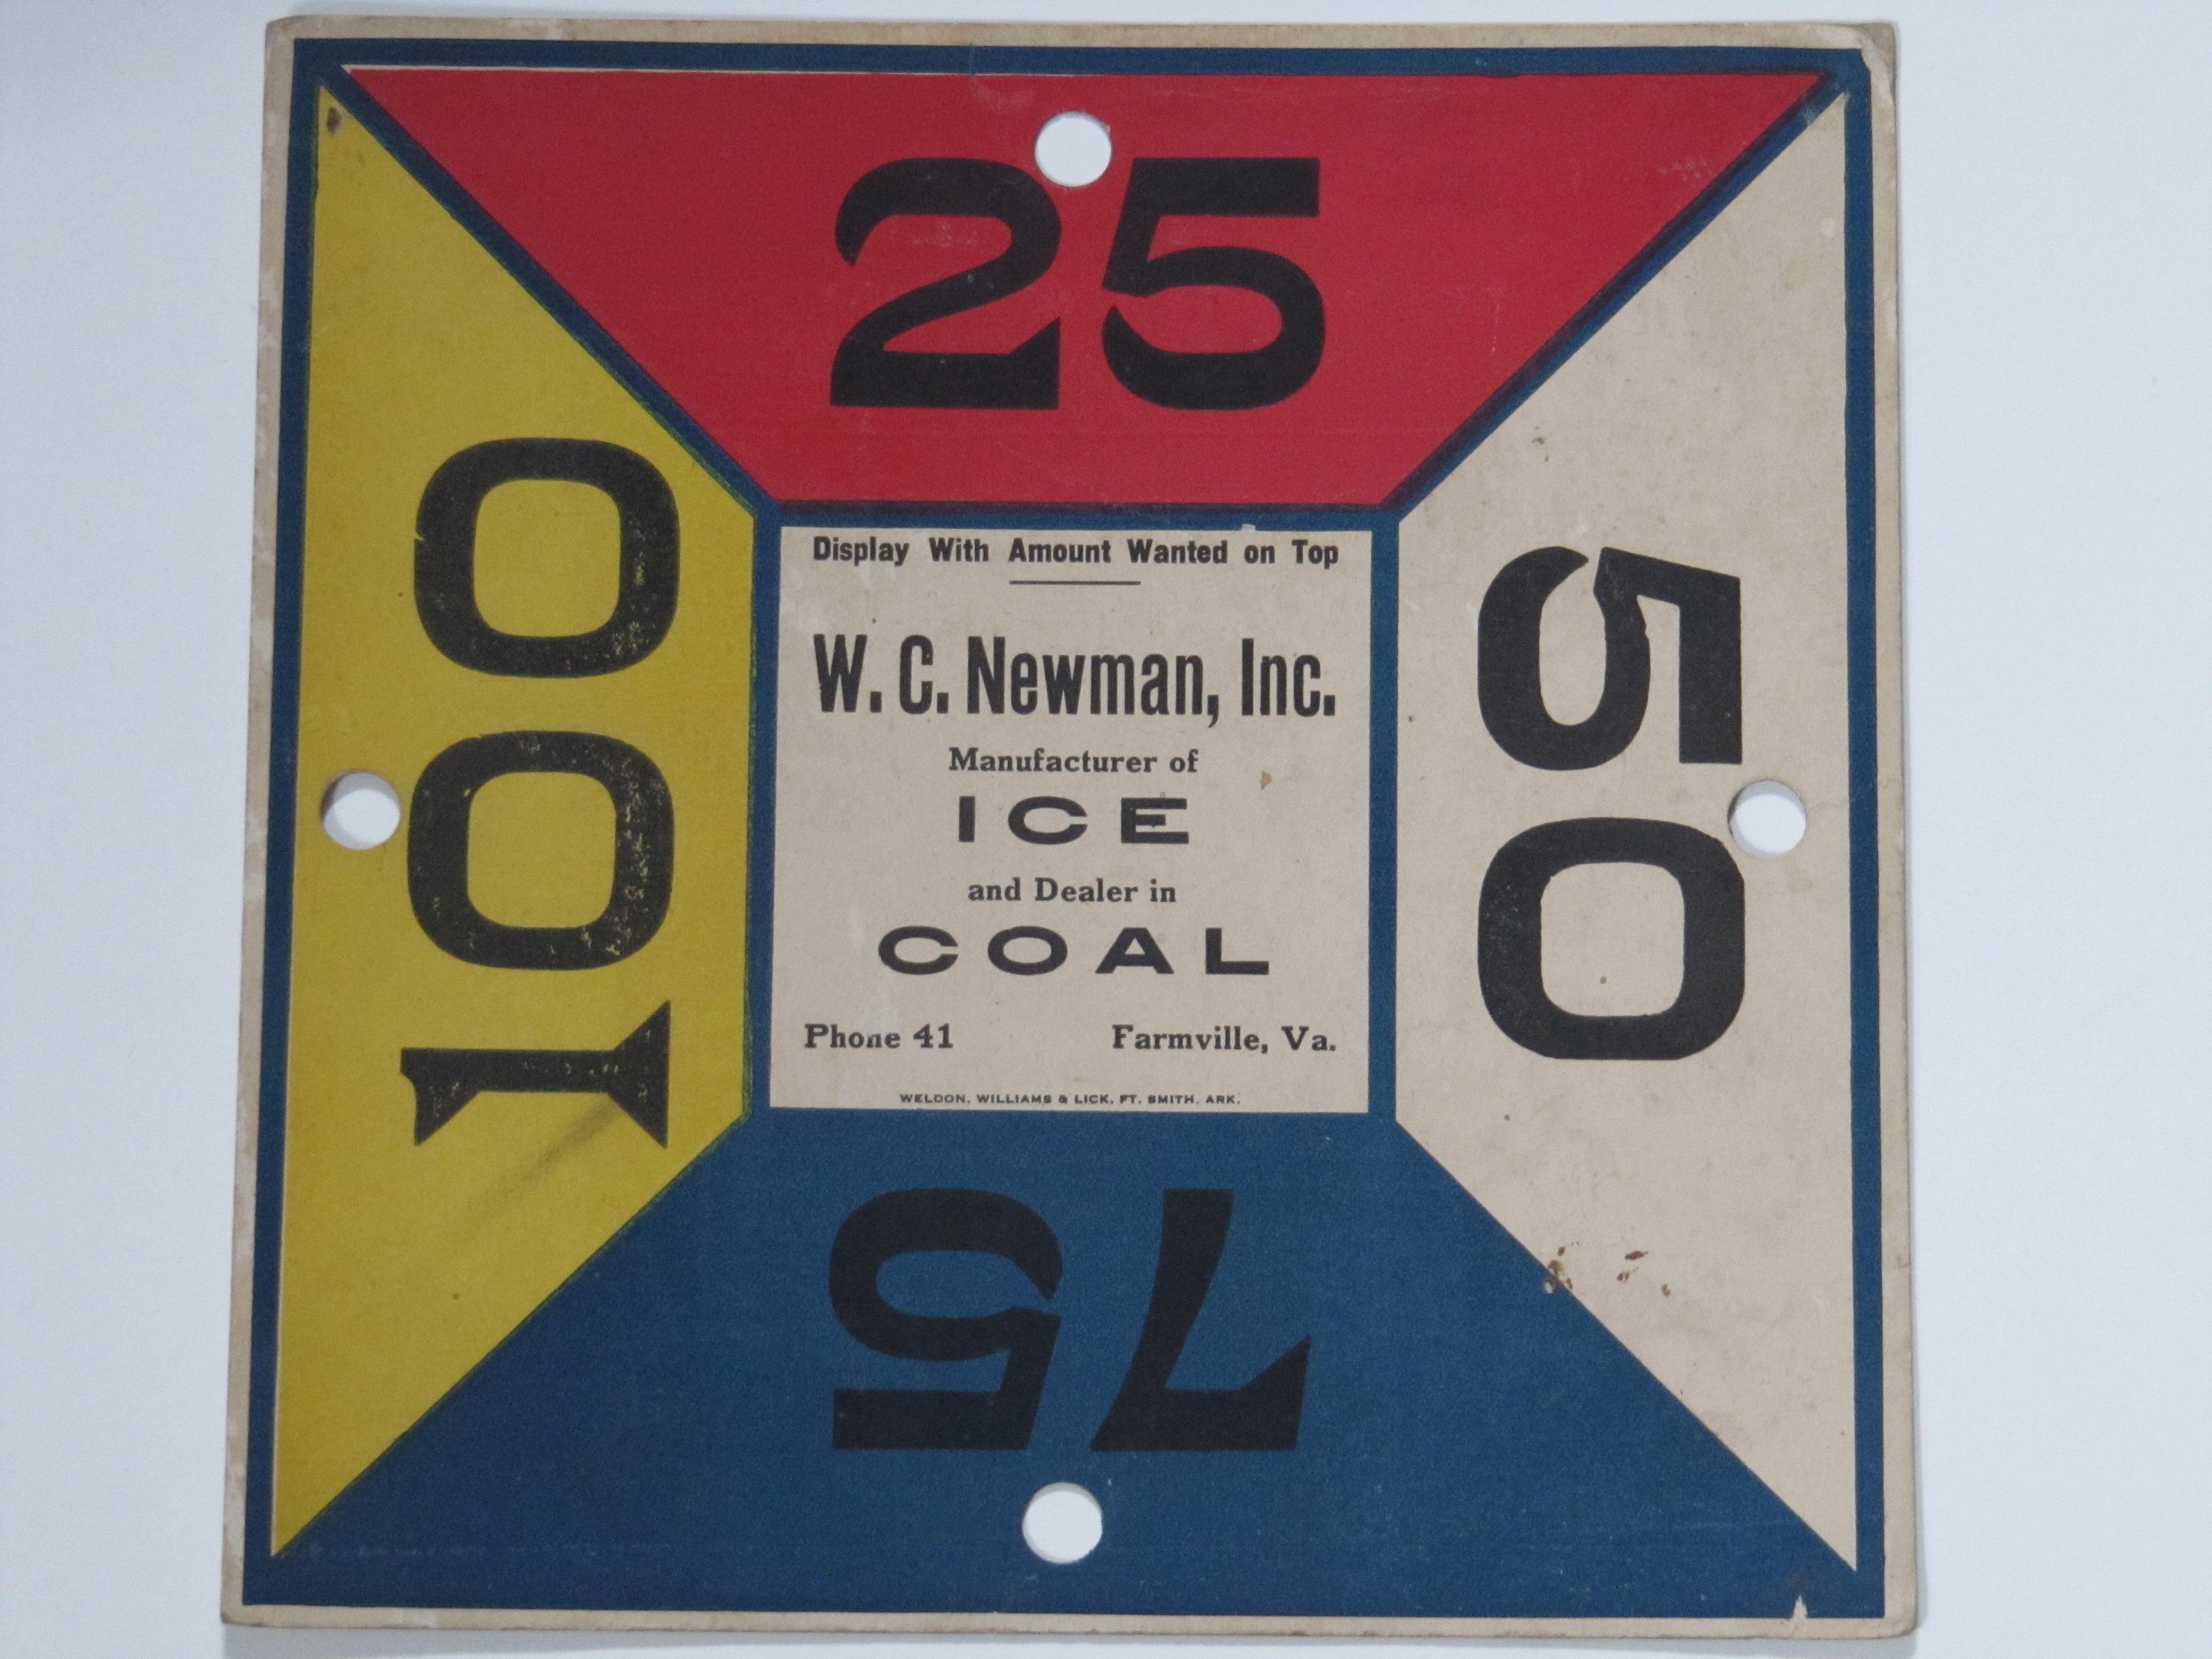 W.C.Newman, Inc